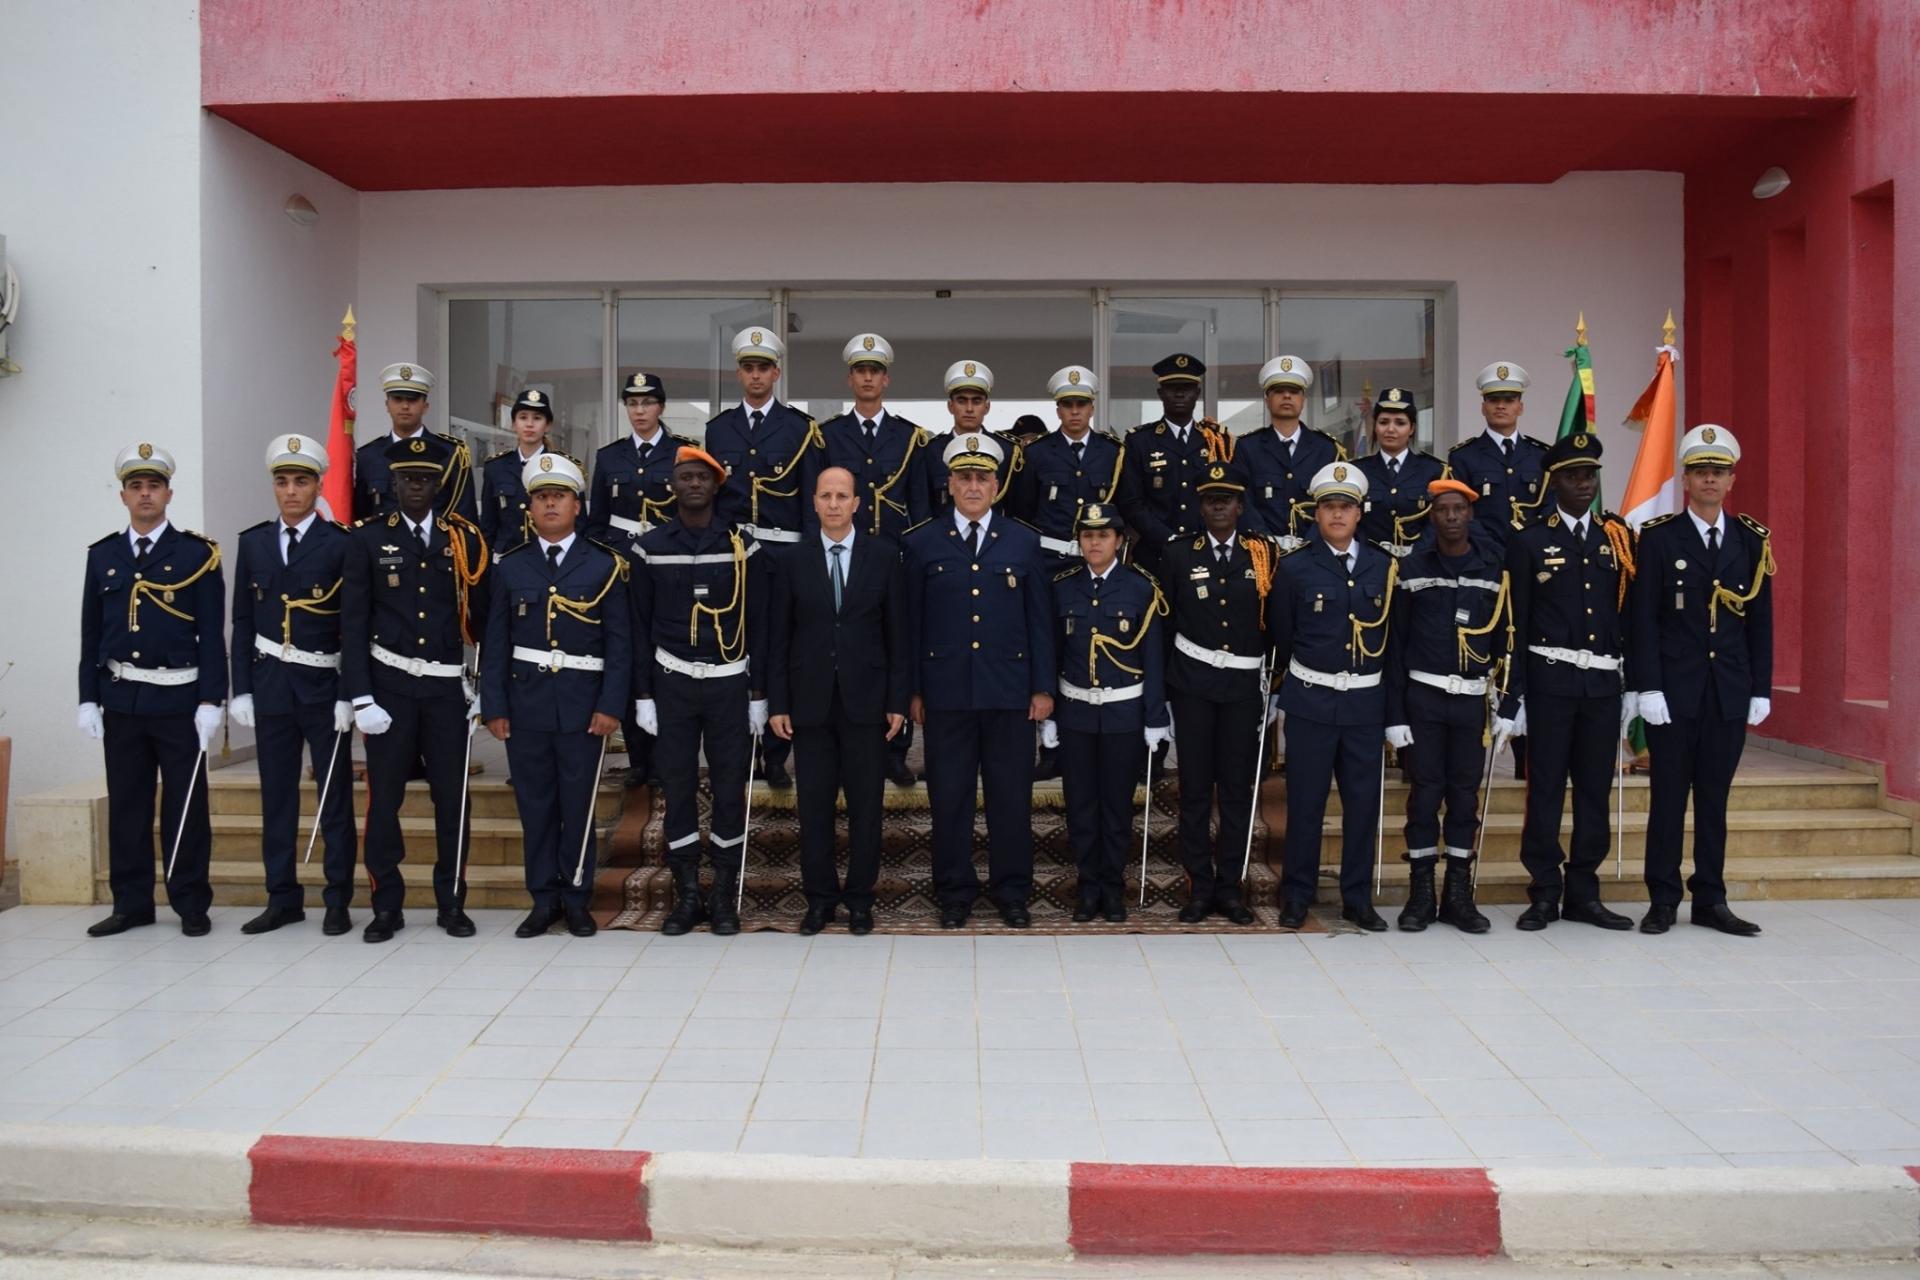 حفل تخرج الدورة التطبيقية الثالثة لضباط الحماية المدنية 14 جوان 2019 بالمدرسة الوطنية للحماية المدنية